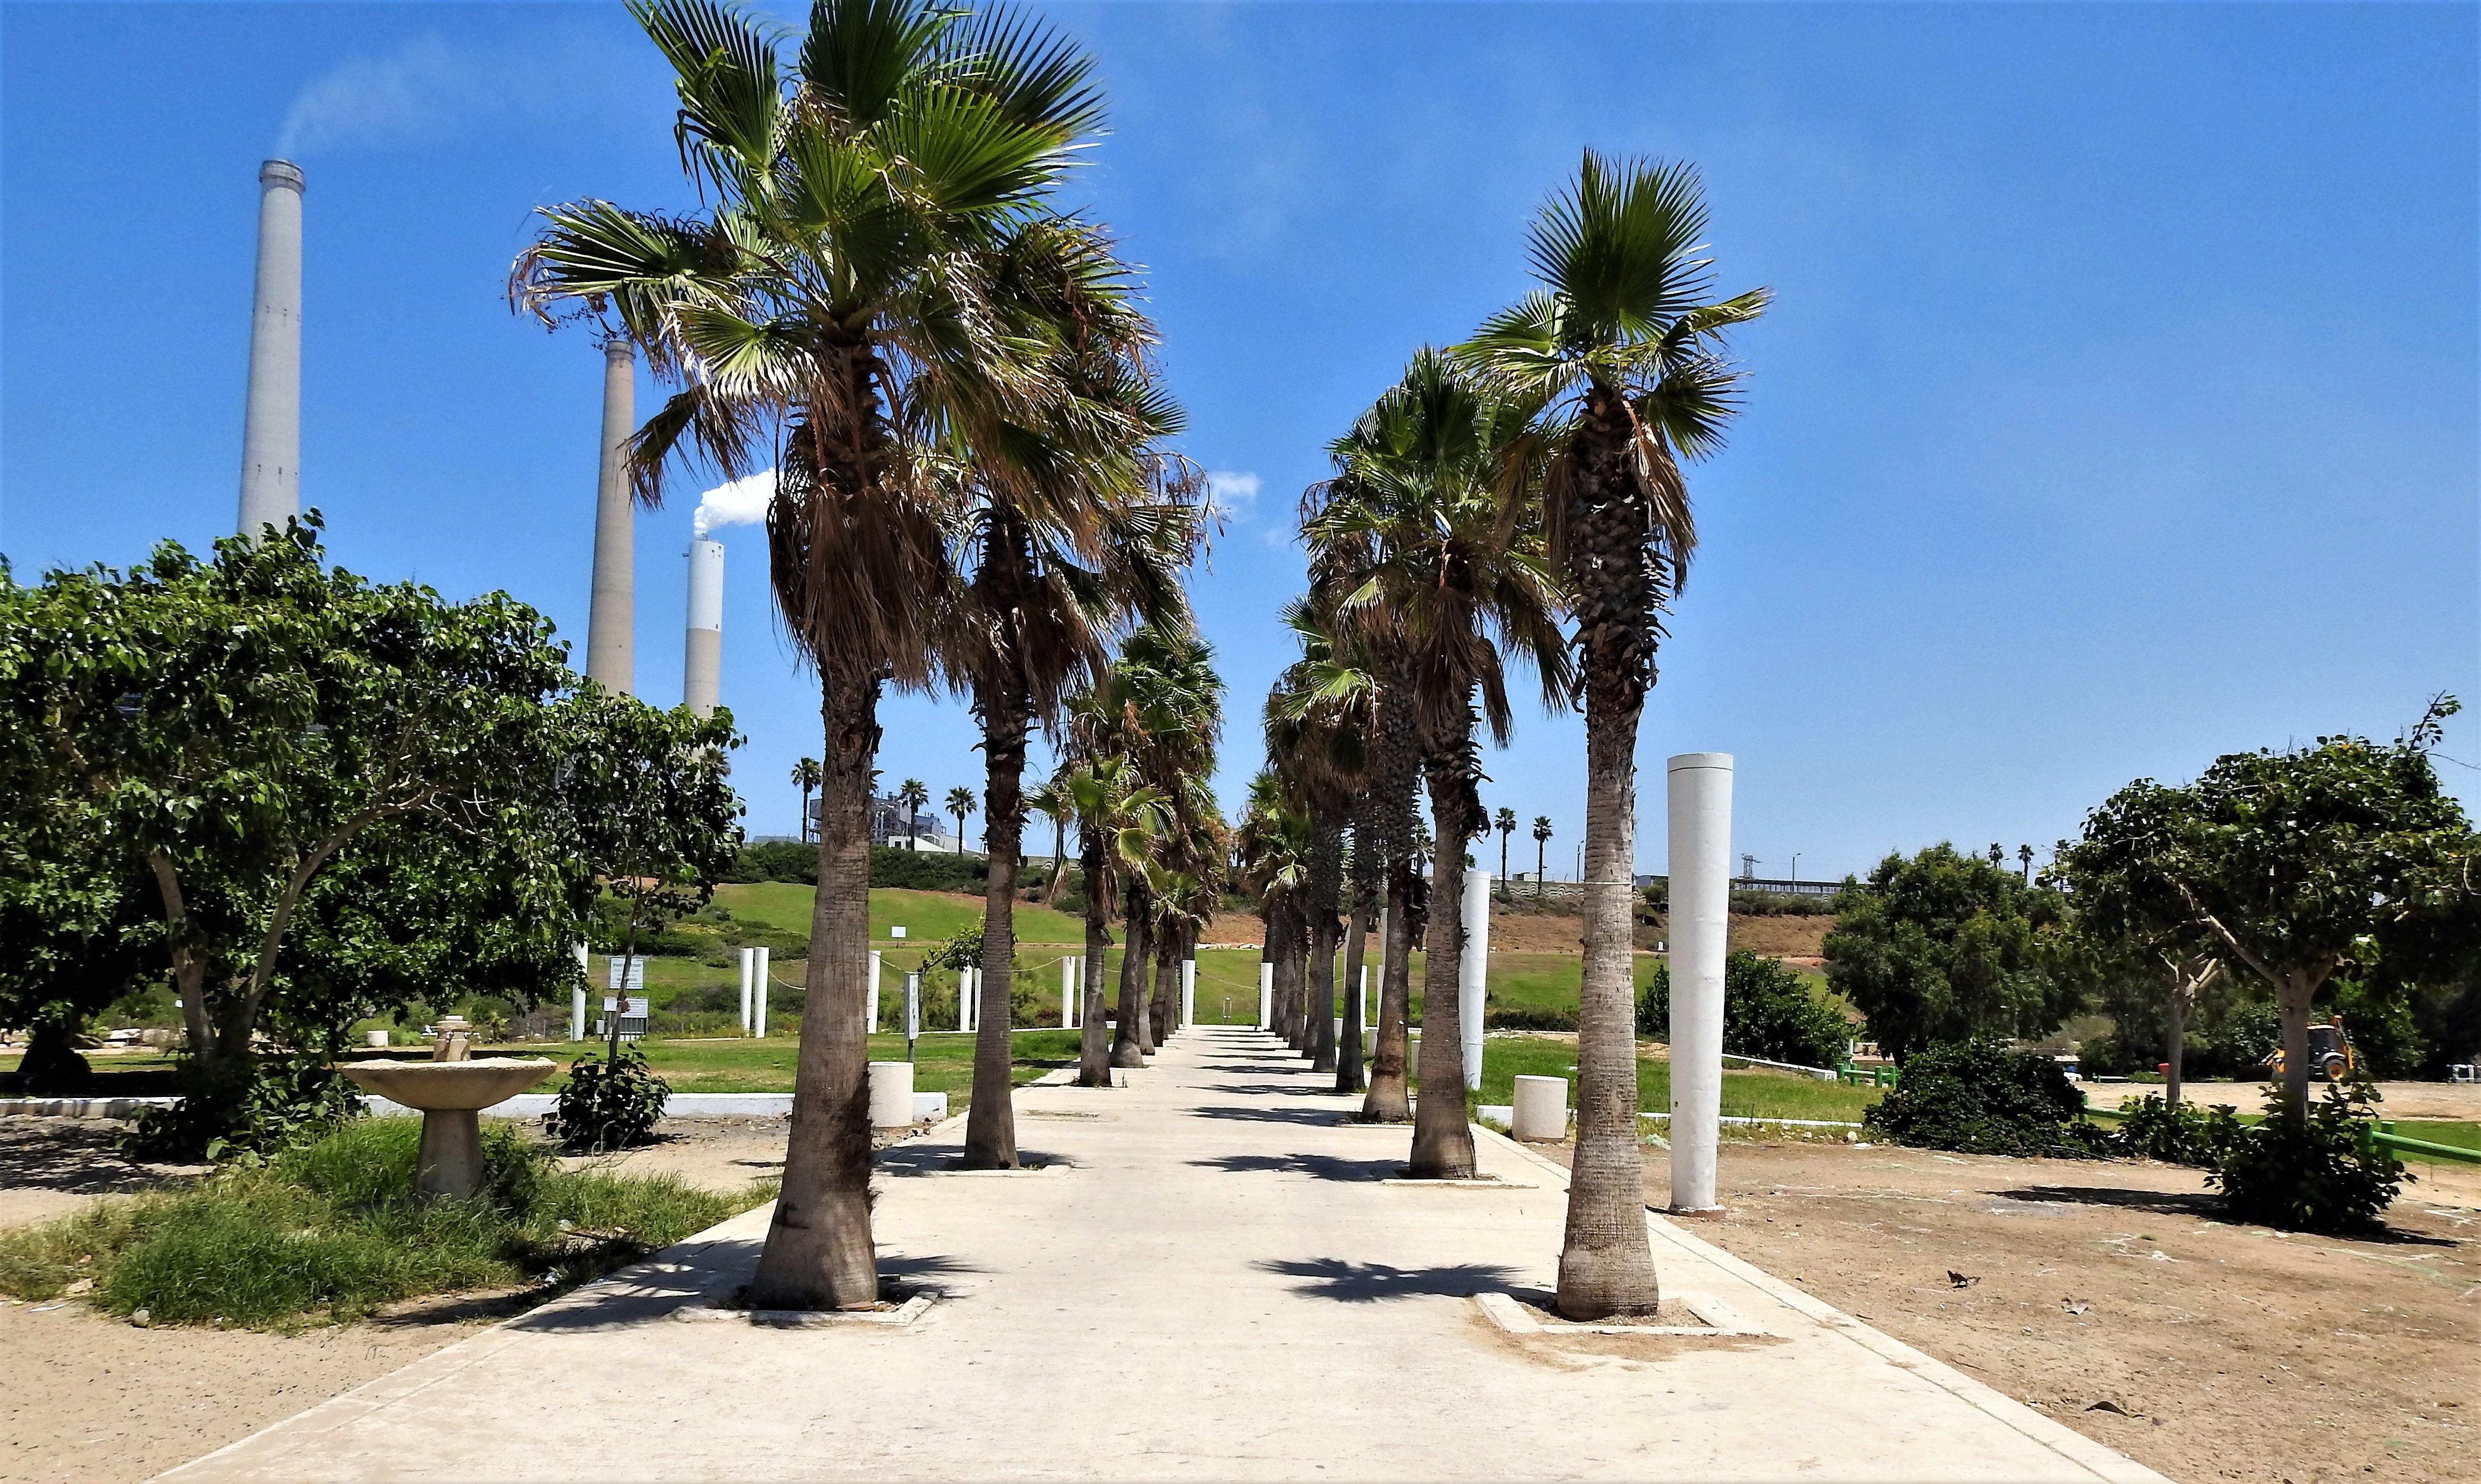 Фото монастыря святого герасима в израиле одно